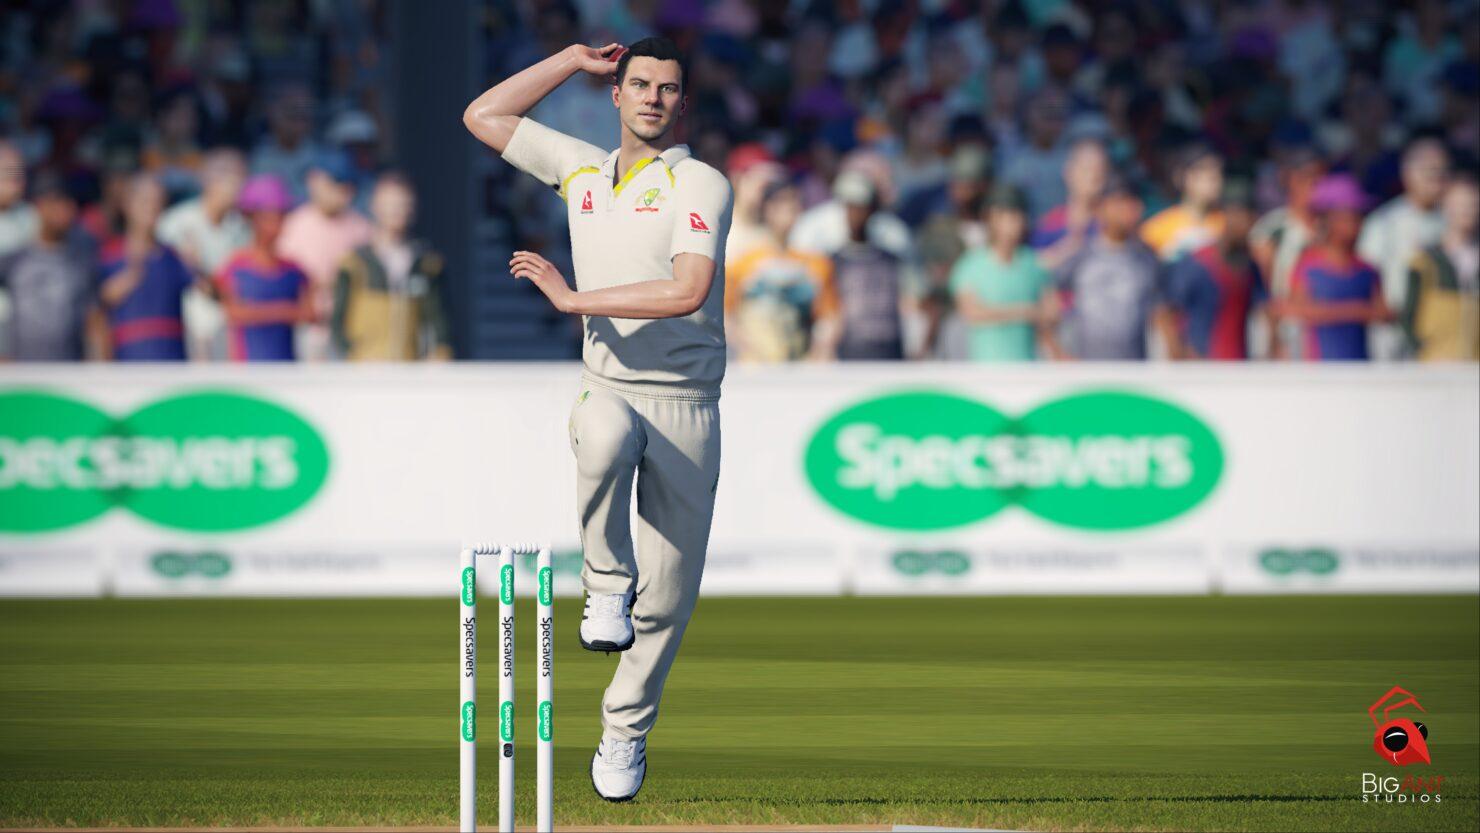 cricket-19-announced-screenshot-08